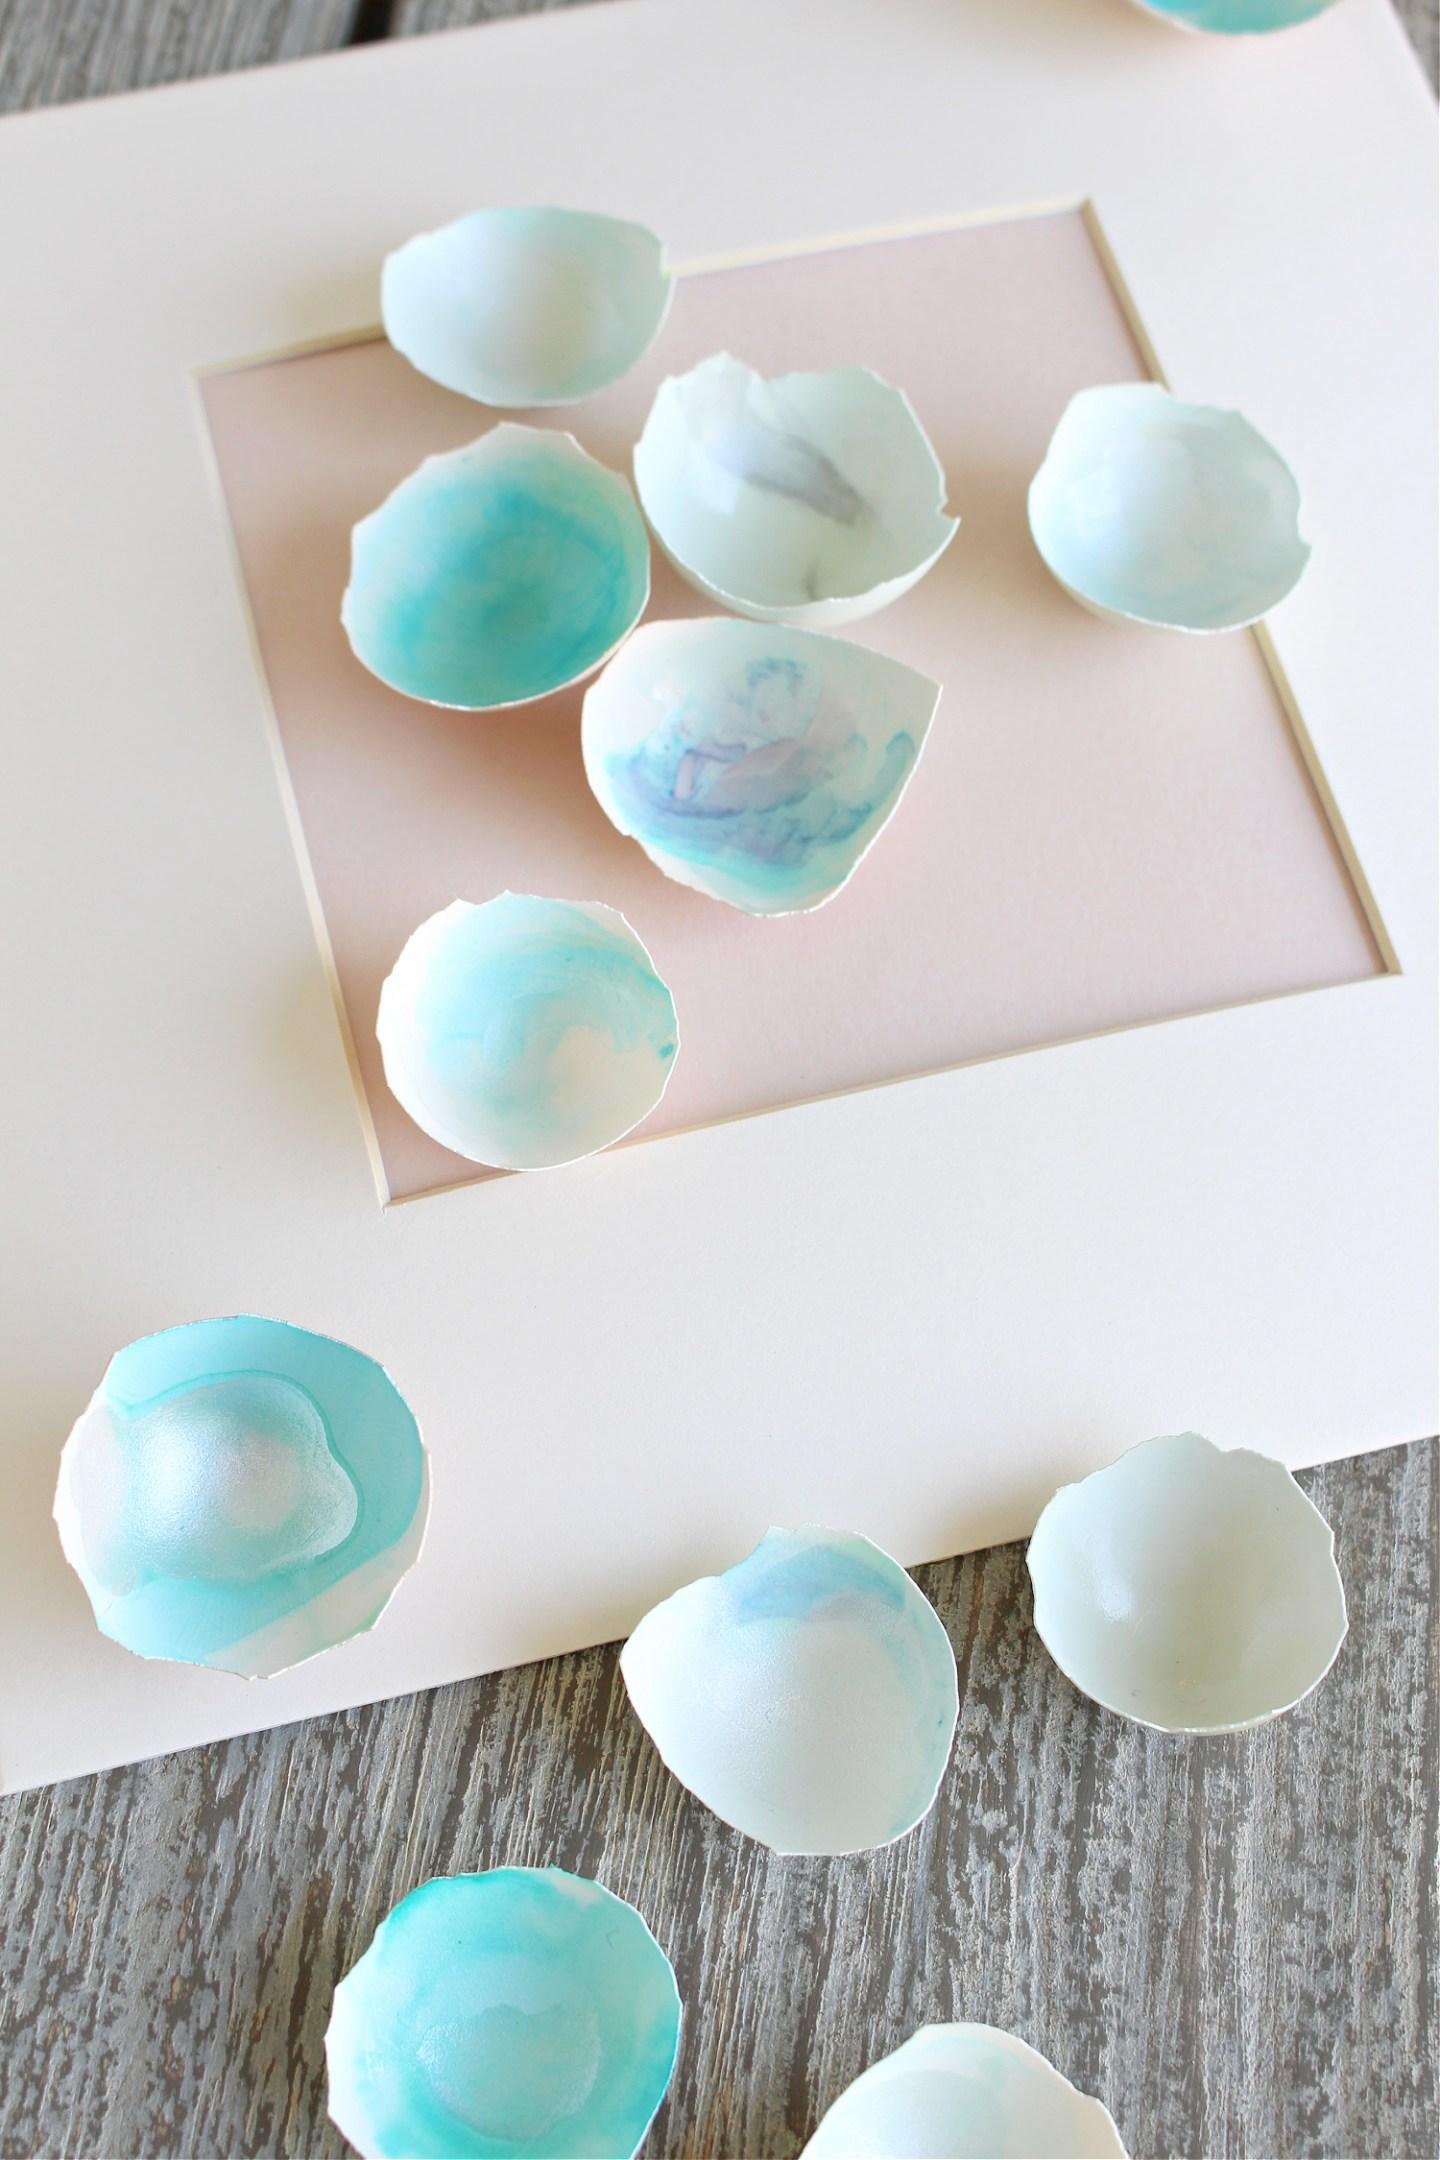 DIY Egg Shell Artwork